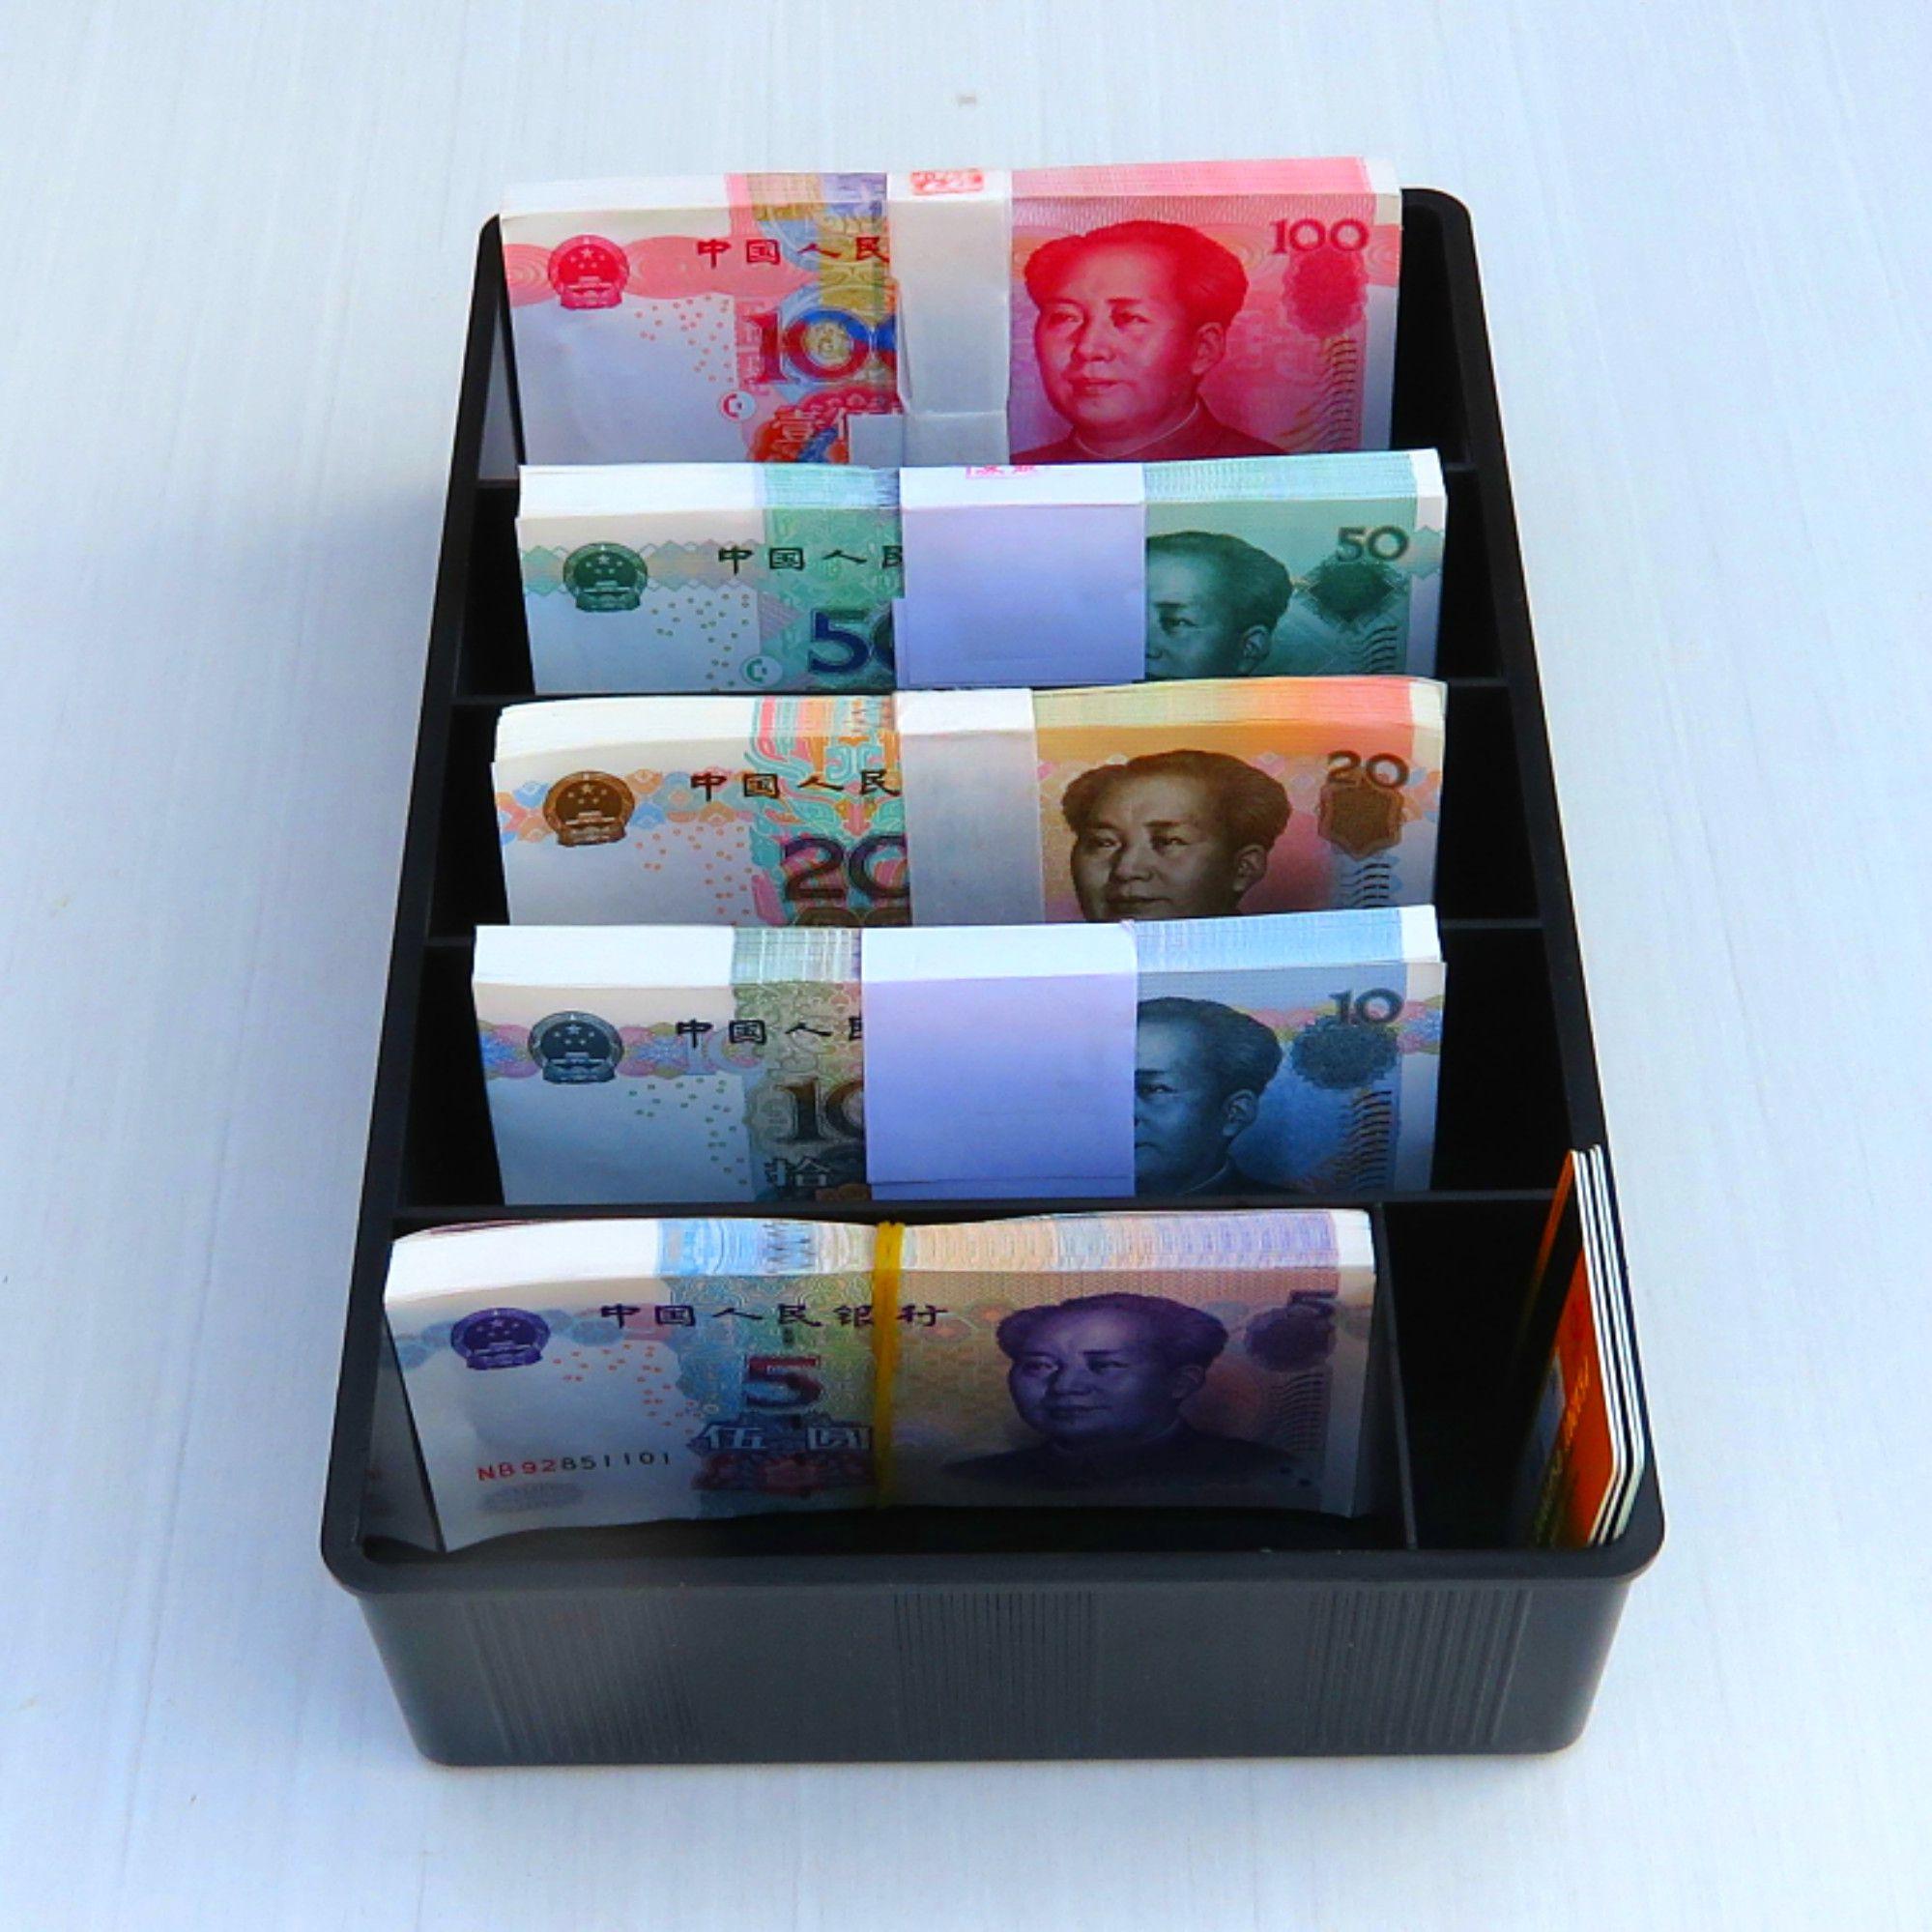 有家盒子箱超市收纳盒收银箱文创/其他文化用品有好货六格零钱